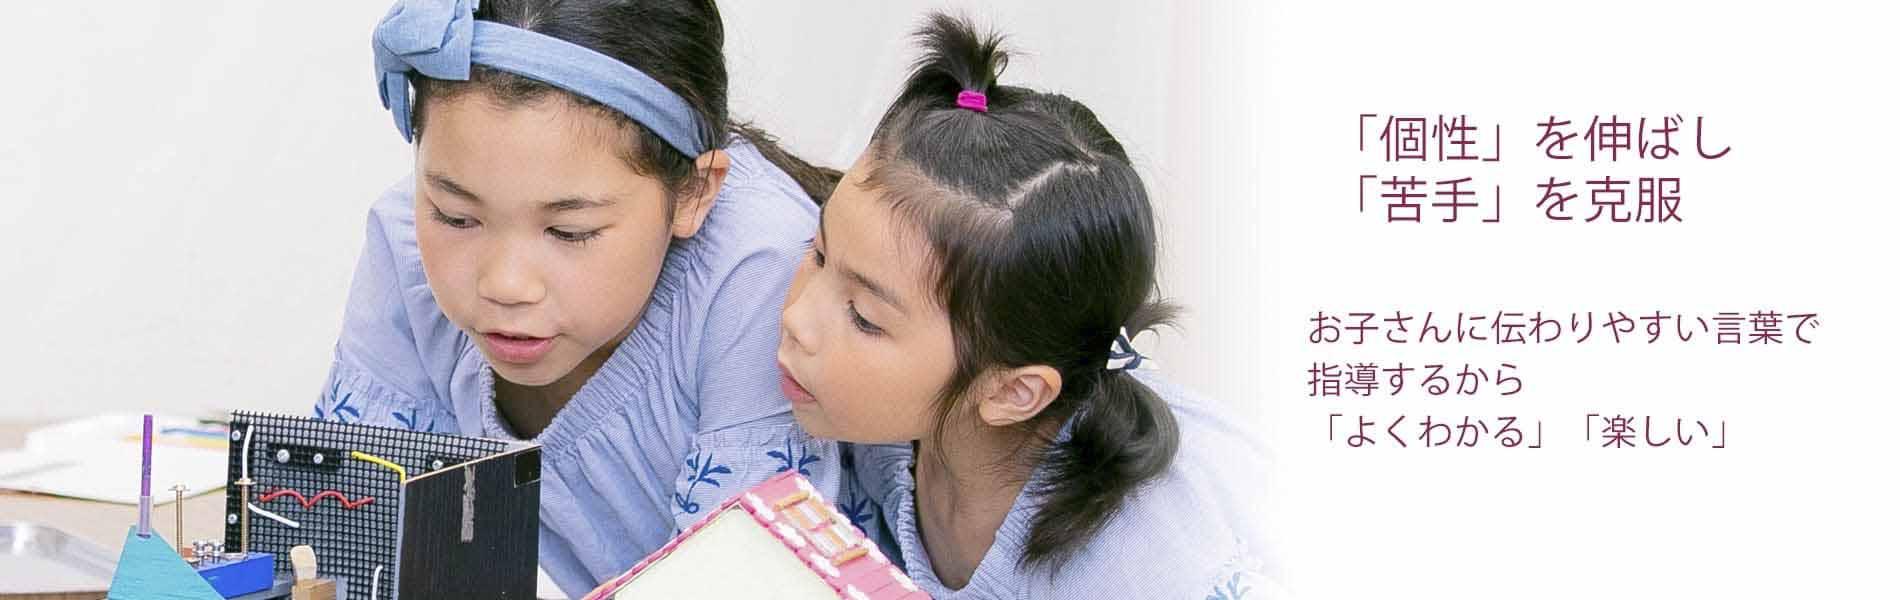 ワークハウス造形教室の子ども造形教室の様子